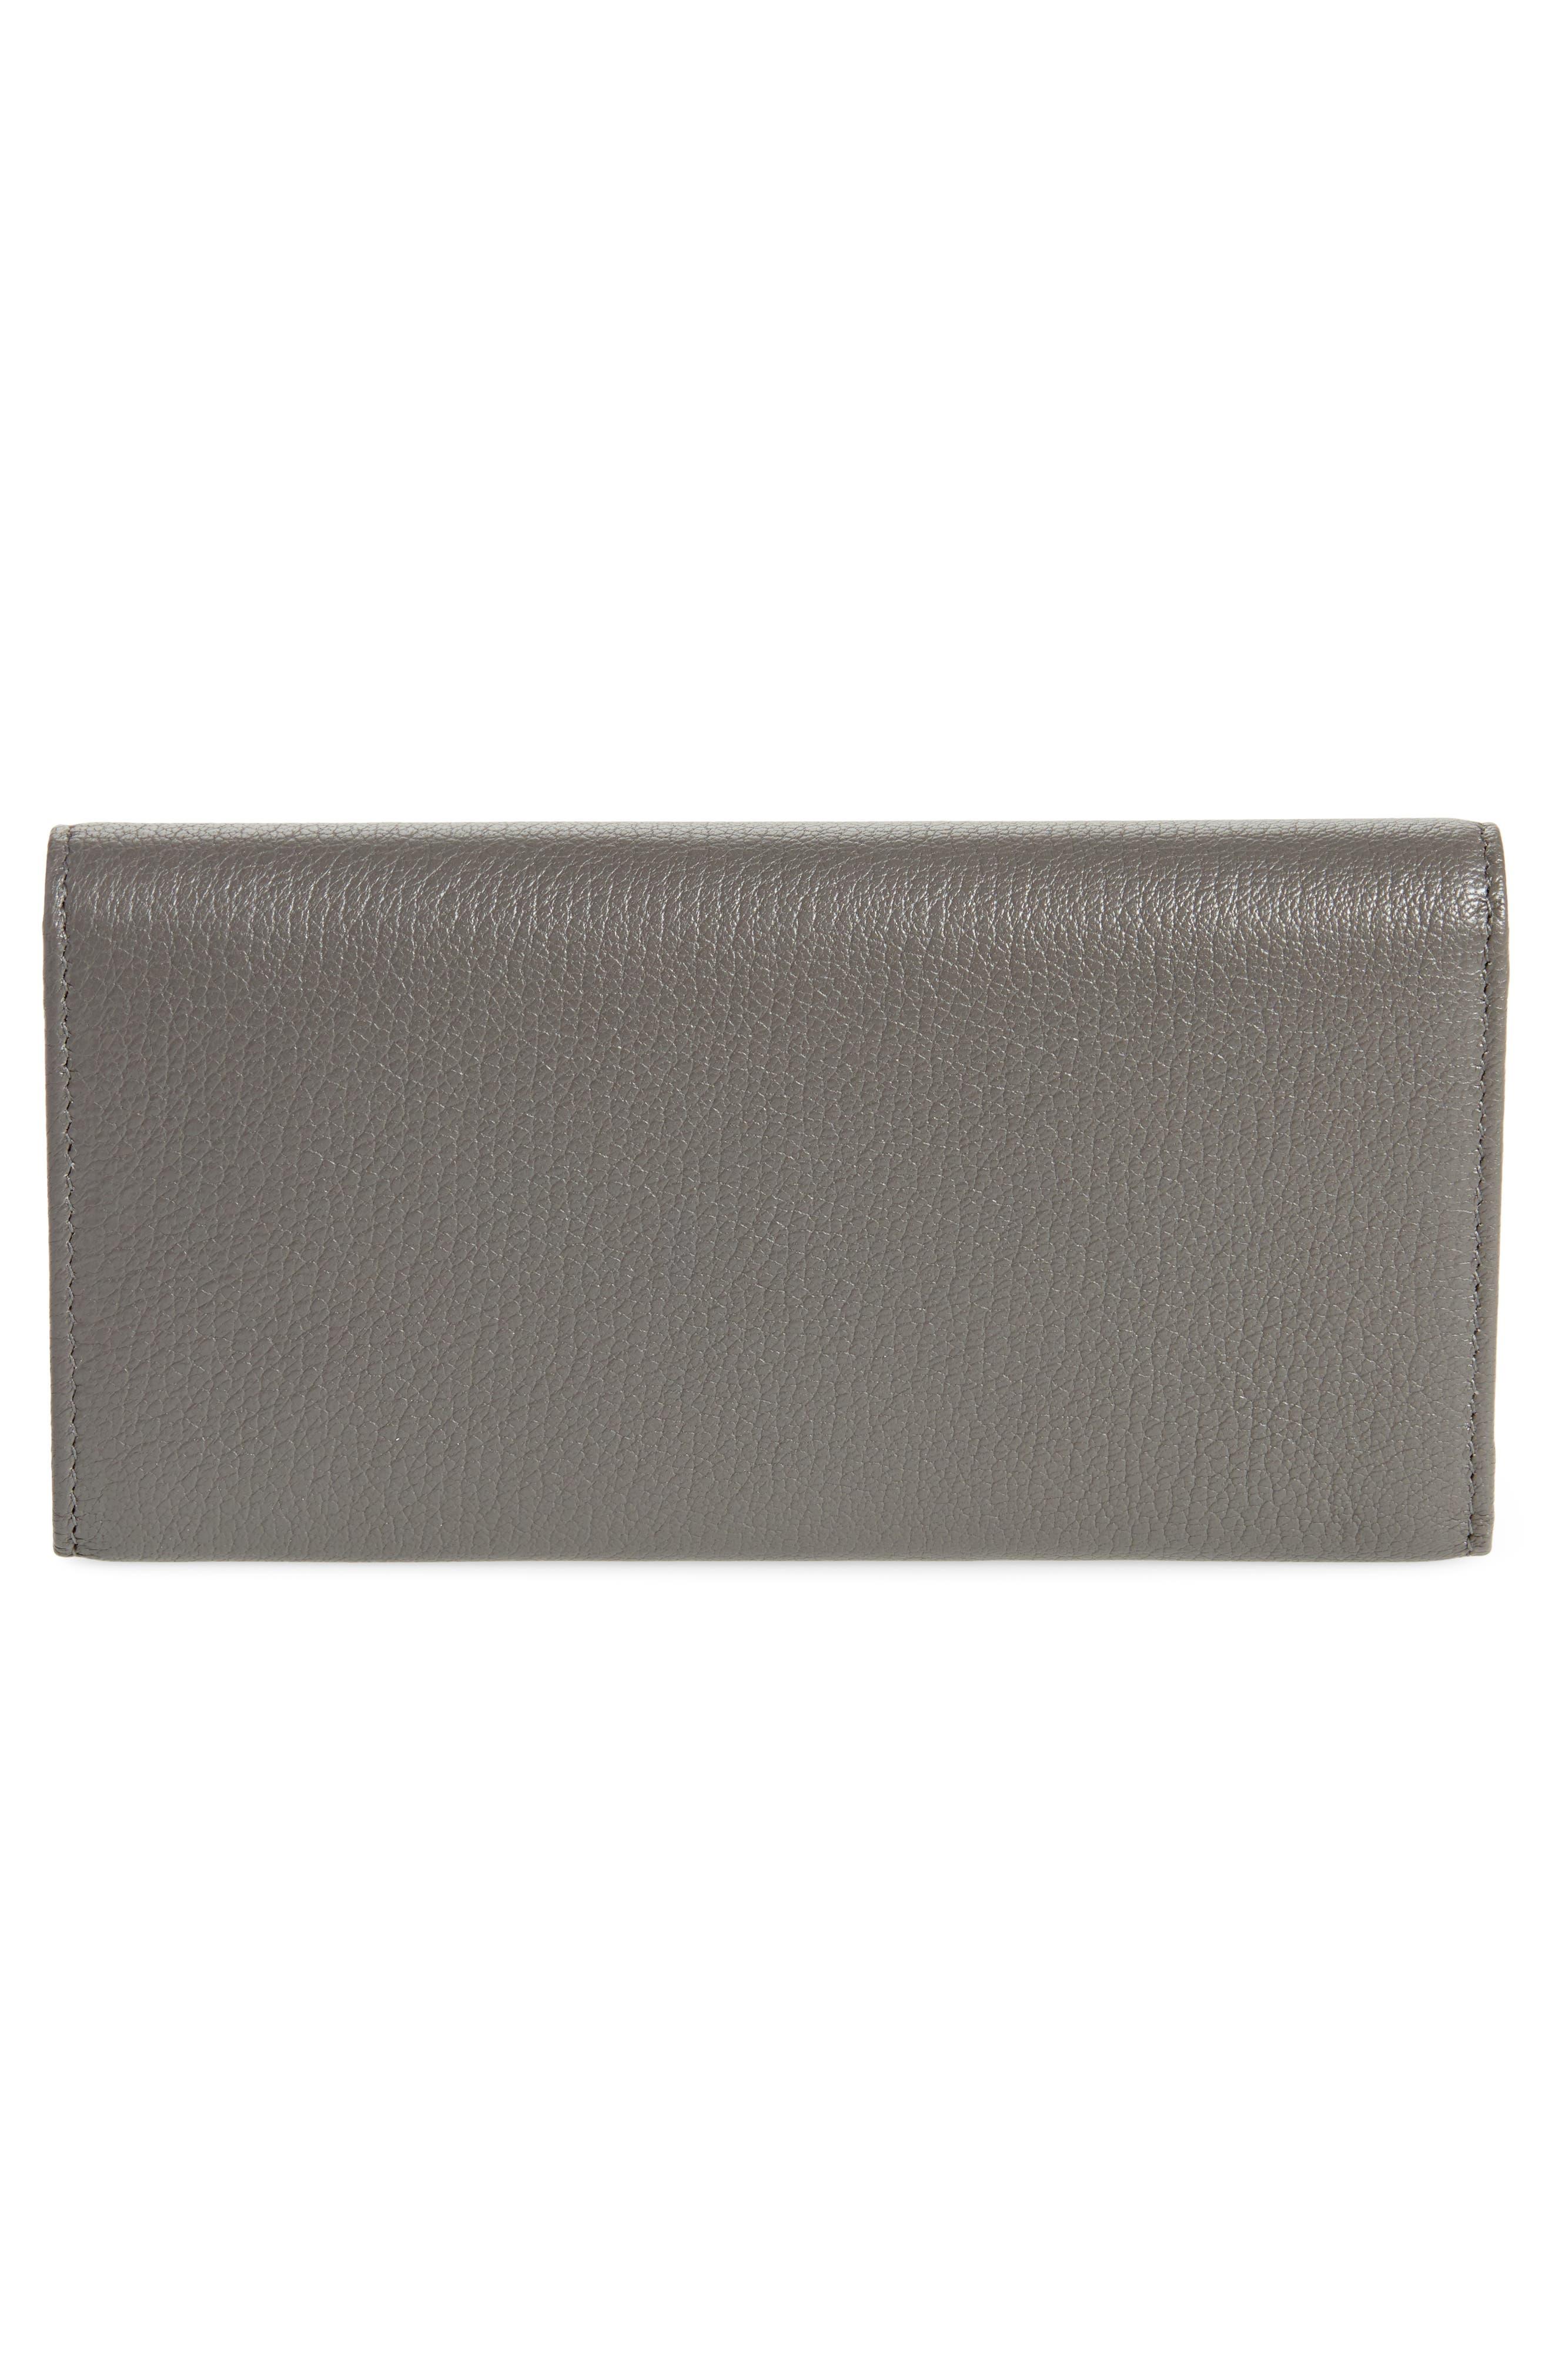 Metallic Edge Money Leather Wallet,                             Alternate thumbnail 3, color,                             GRIS ACIER